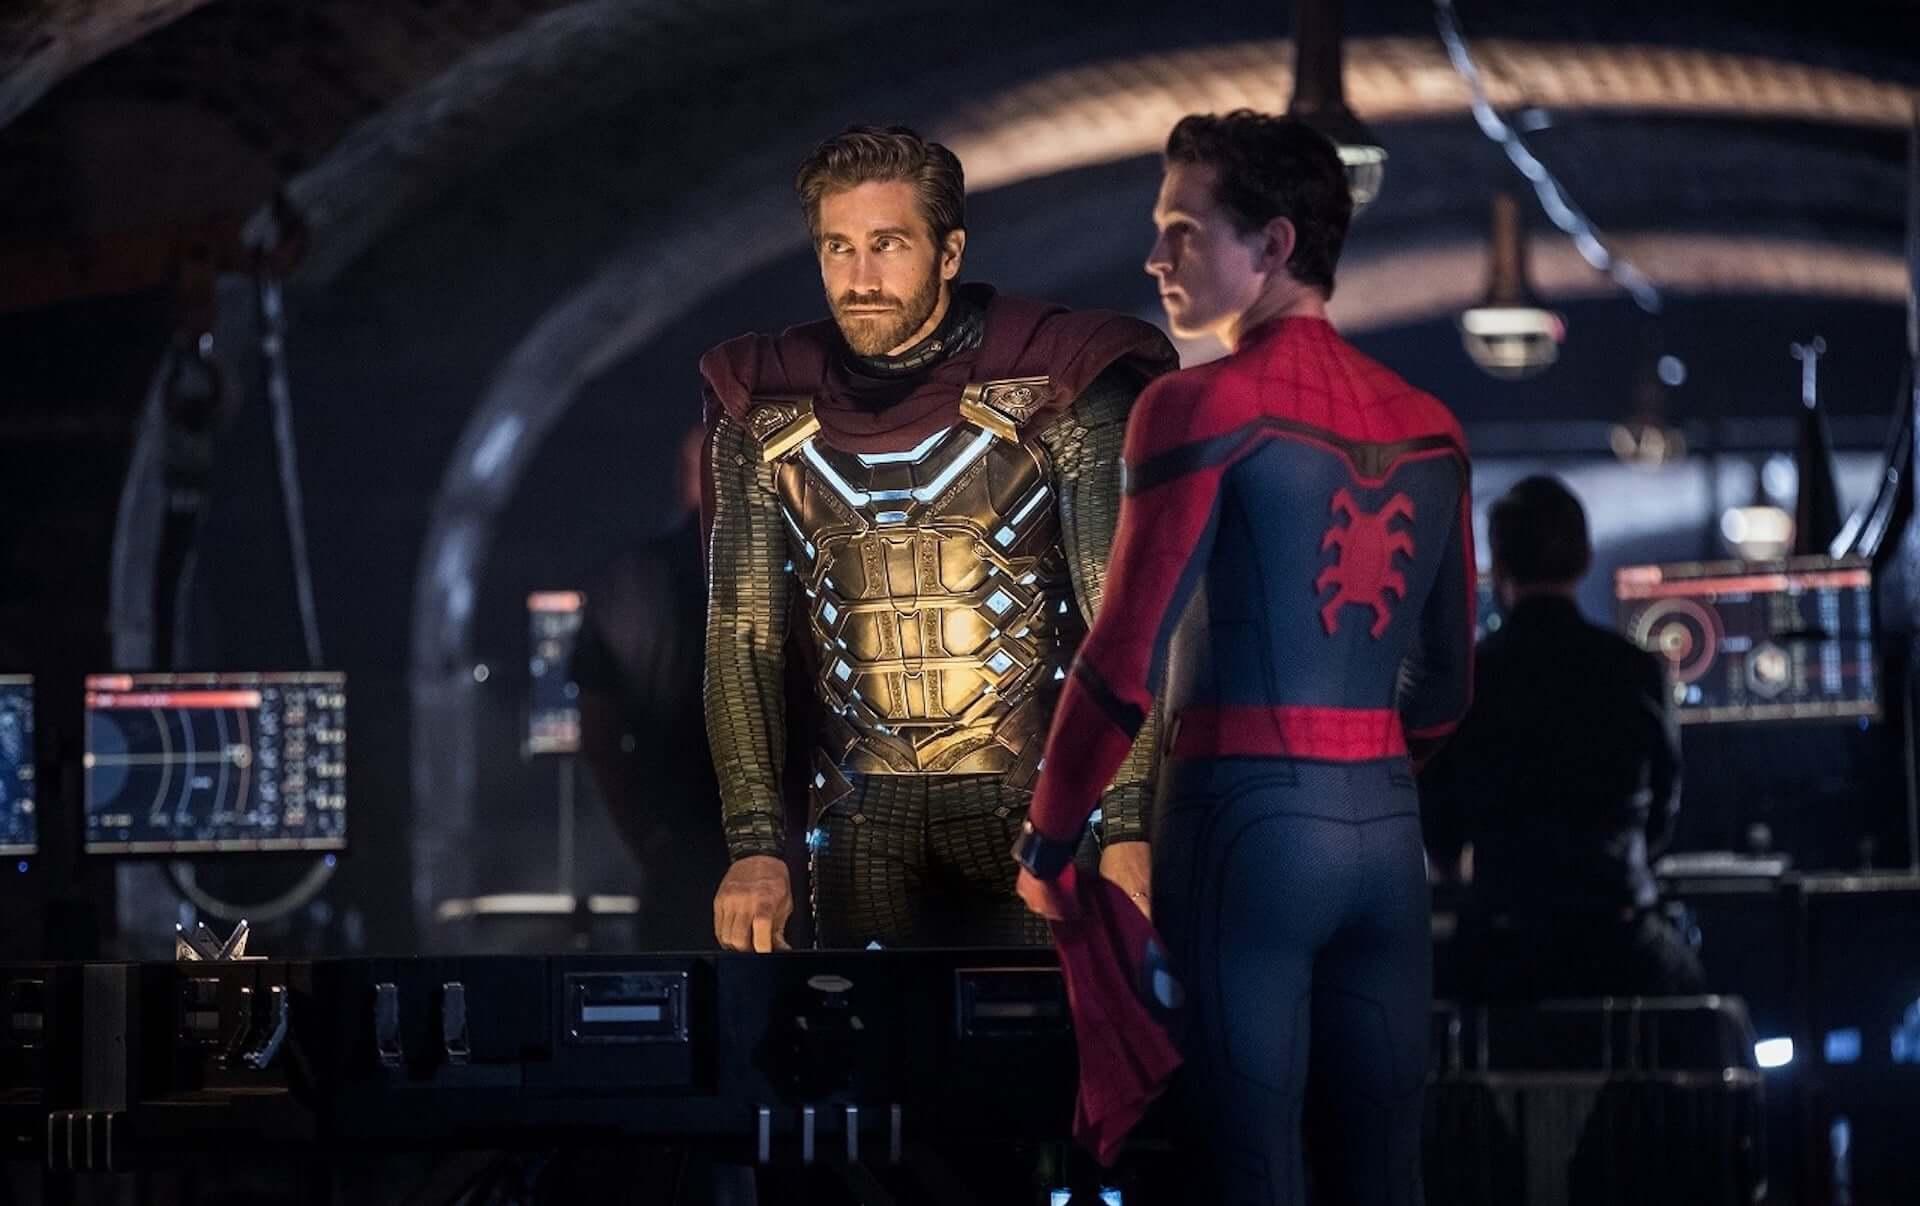 「スパイダーマン」旋風が巻き起こる!『スパイダーマン:ファー・フロム・ホーム』公開3日で興収10億円突破 film190701_sffh_3-1920x1206